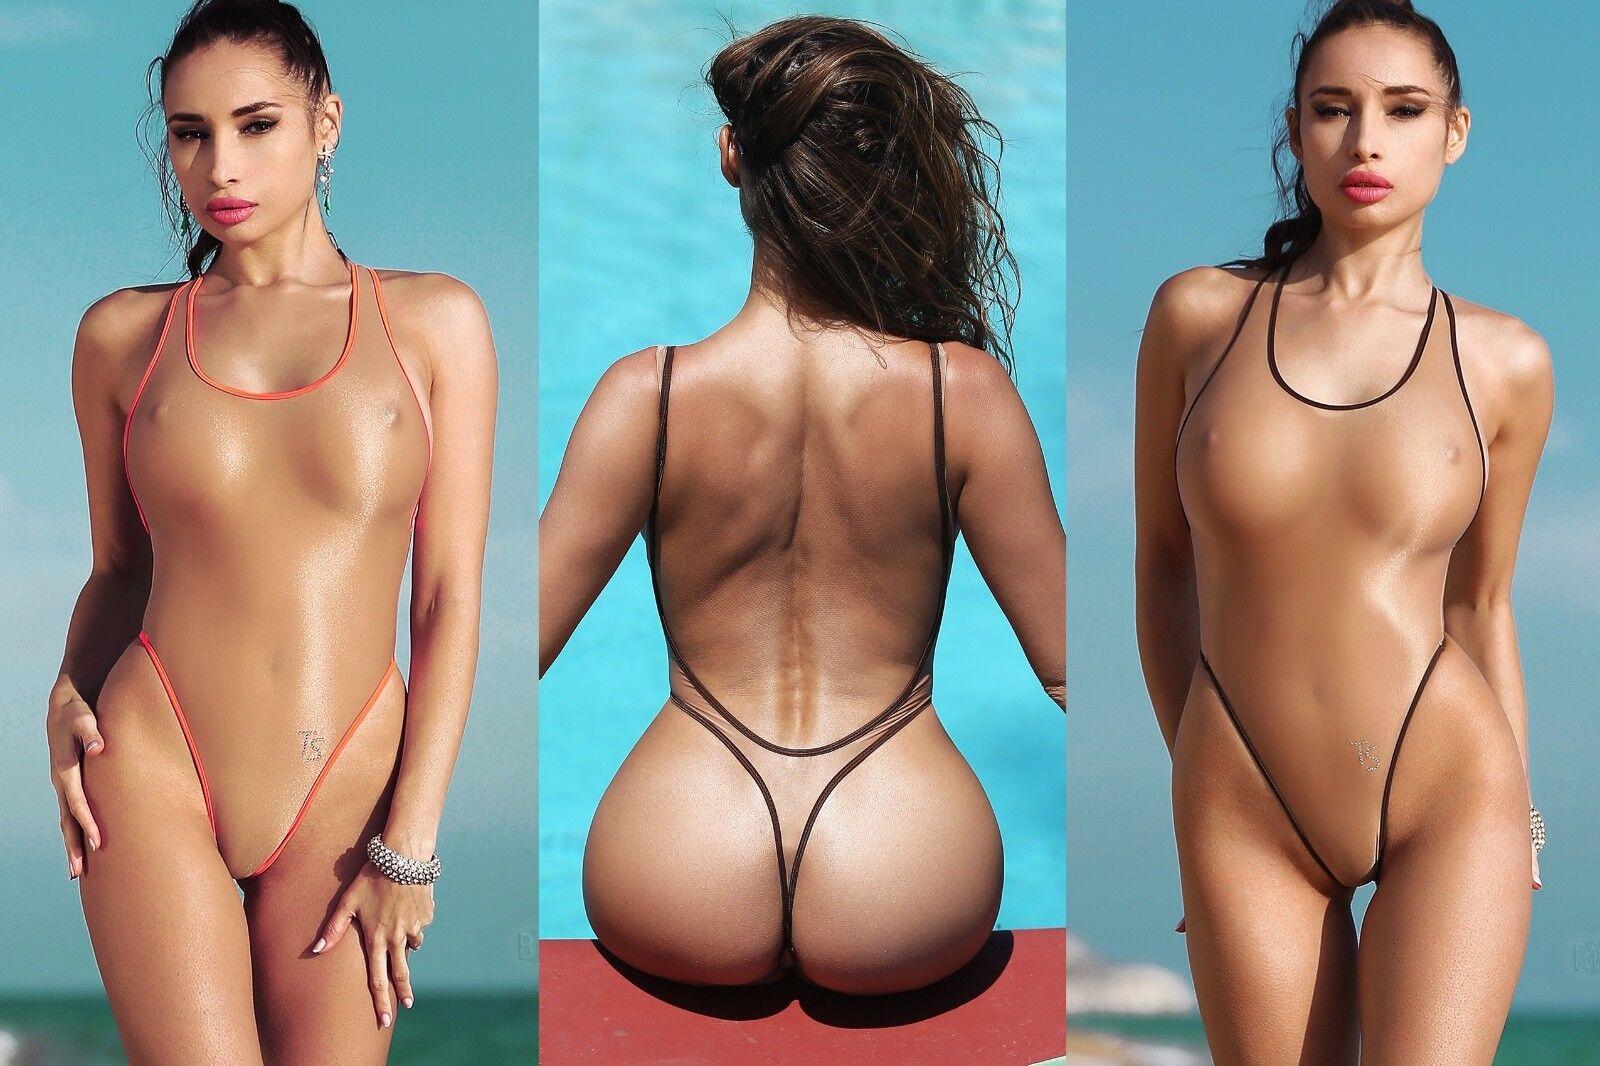 Sex in the monokini paki girl naked